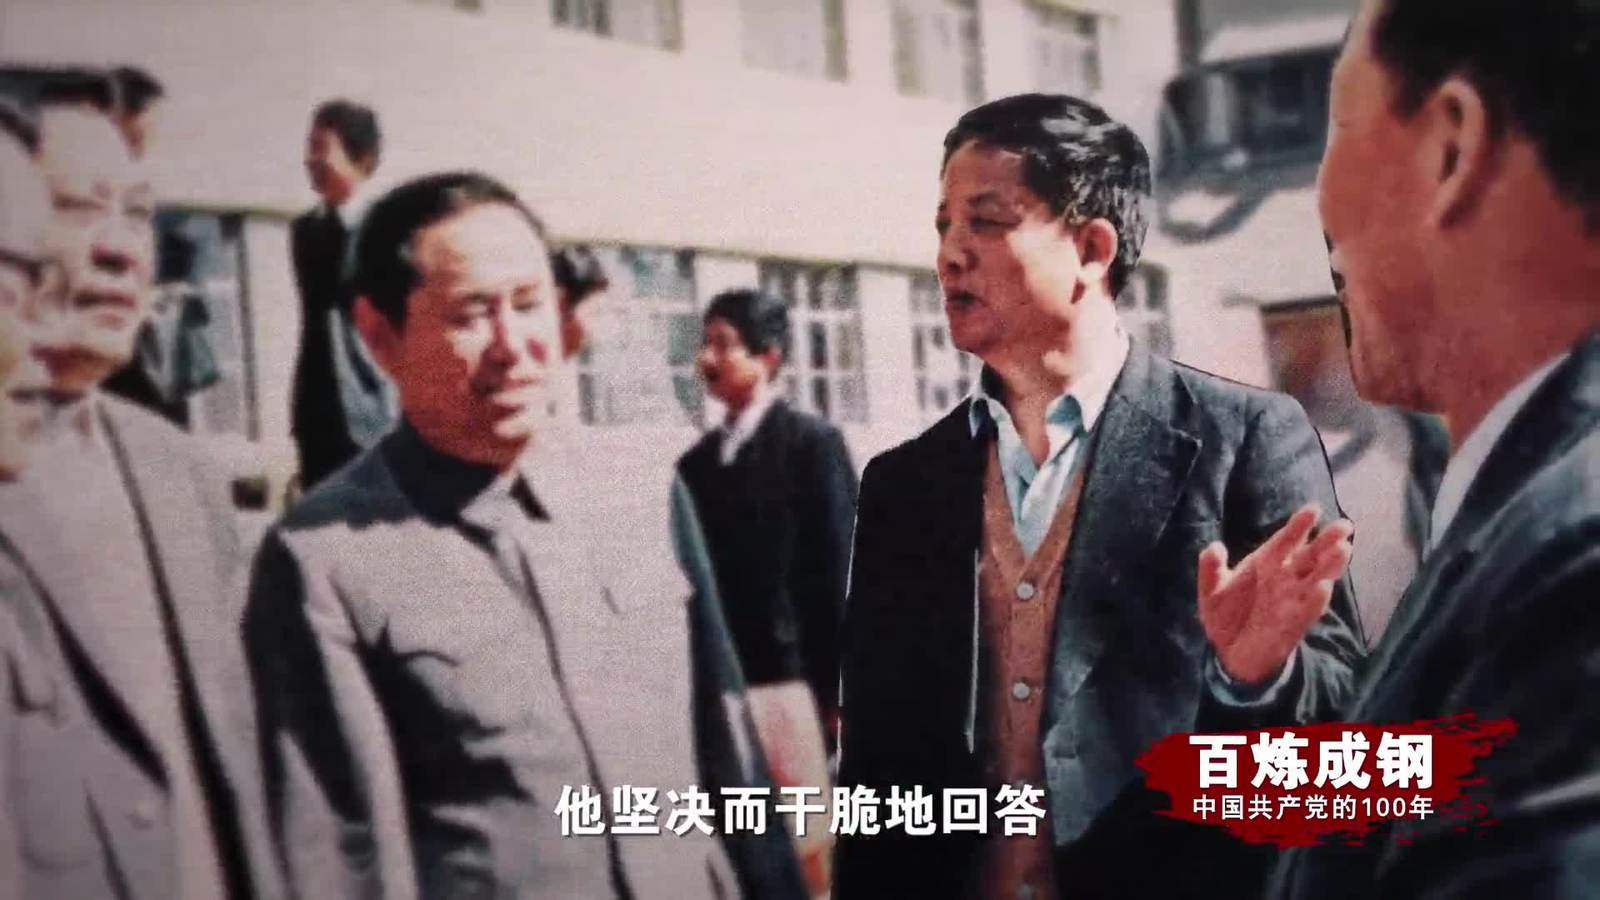 百炼成钢|中国共产党的100年 第六十二集:站在时代前列